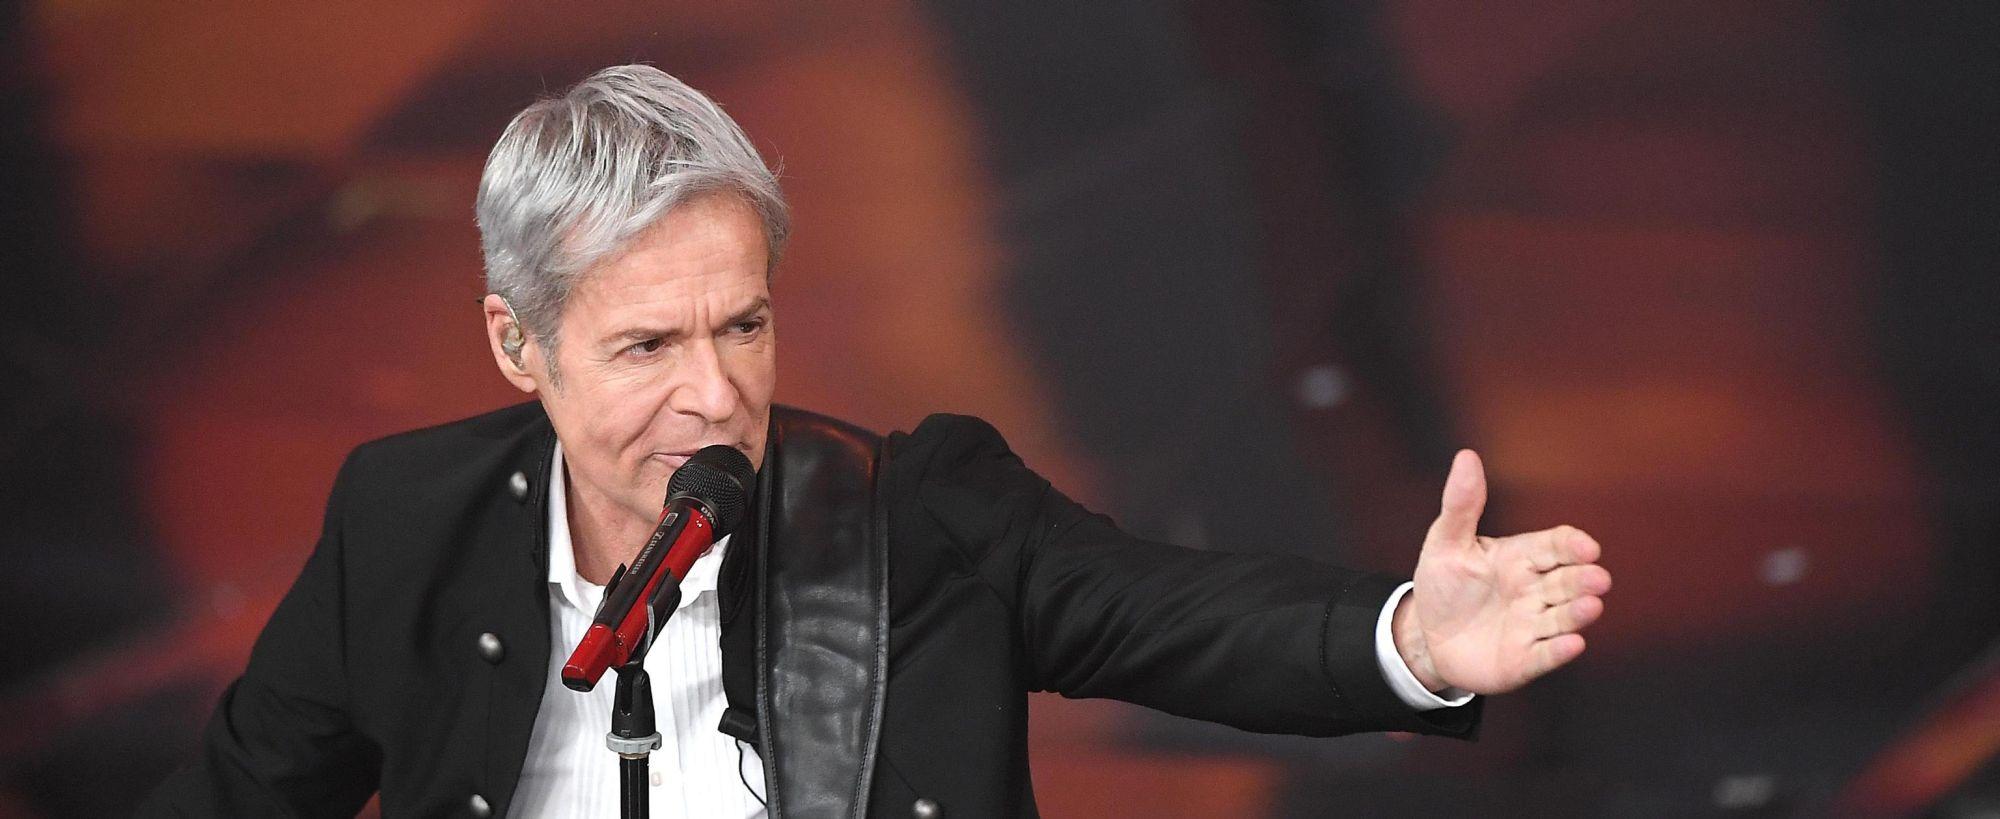 Sanremo 2019: date e conduttori